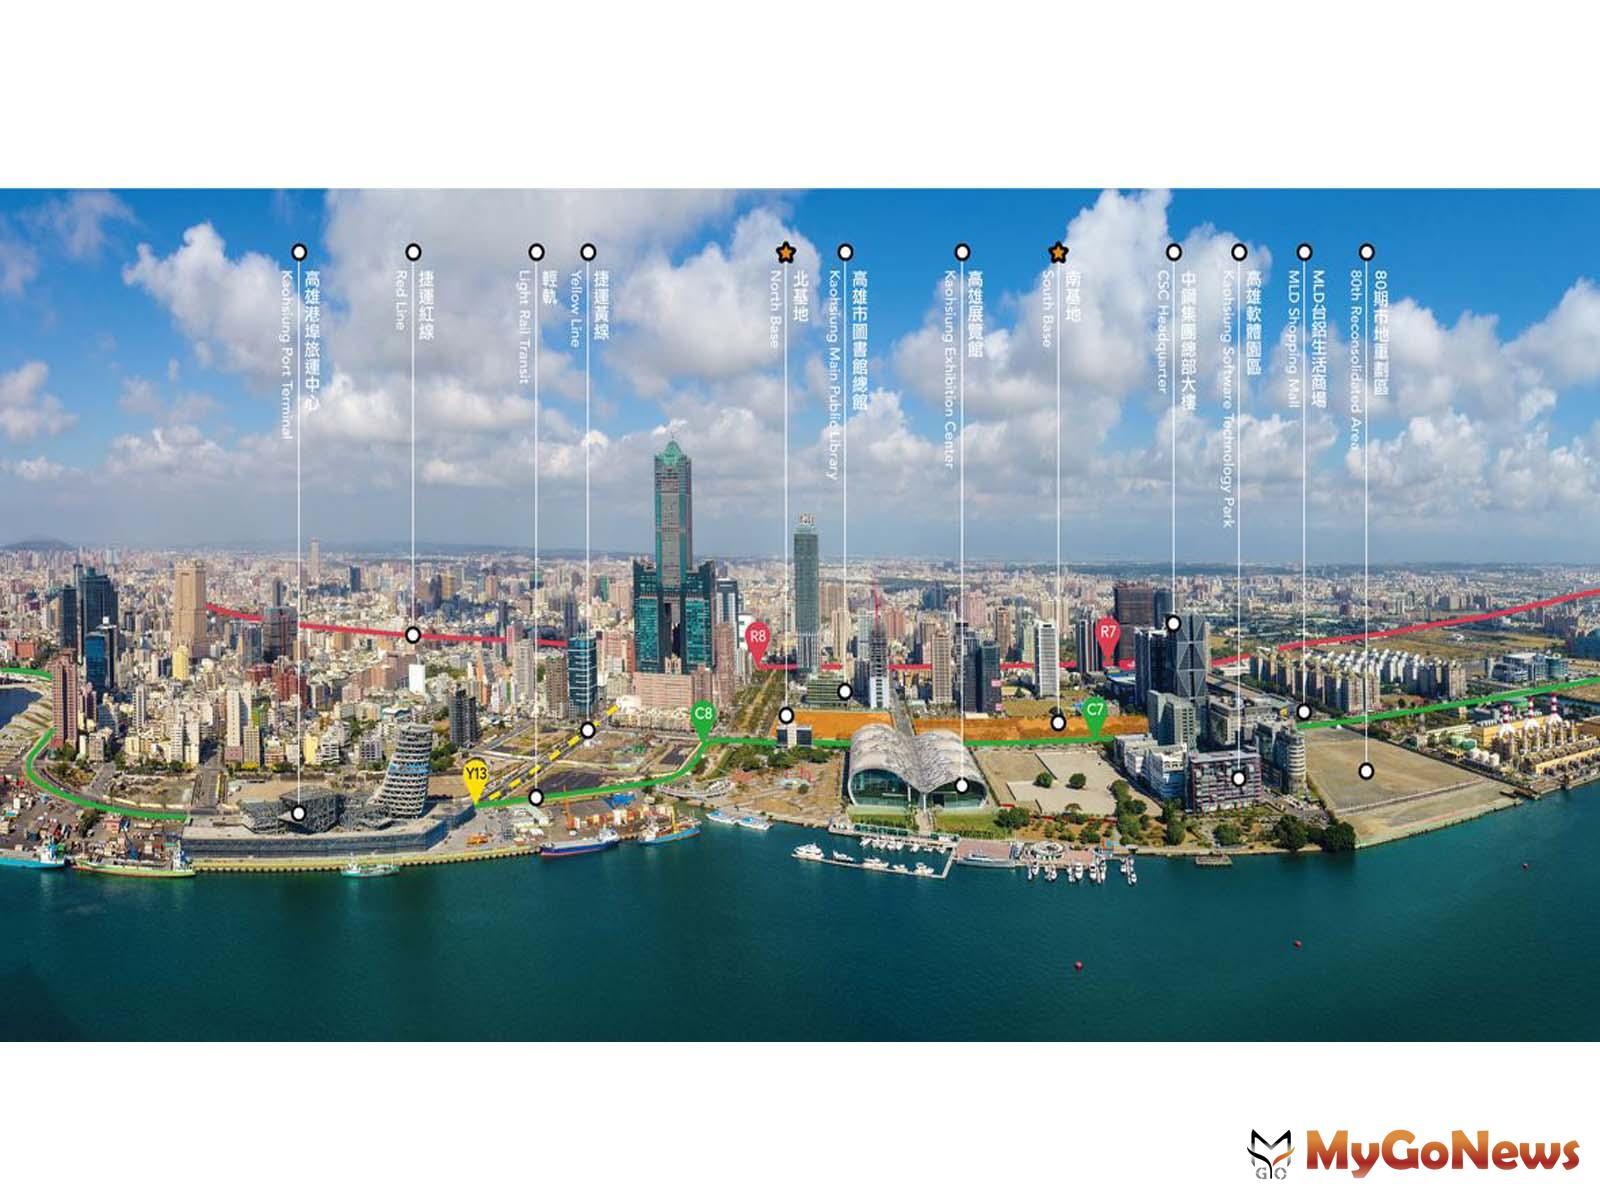 亞灣特貿三都市計畫公展參考台北南港大計畫發展模式採「公辦都更、增加住宅比例」雙管齊下(圖/高雄市政府) MyGoNews房地產新聞 區域情報